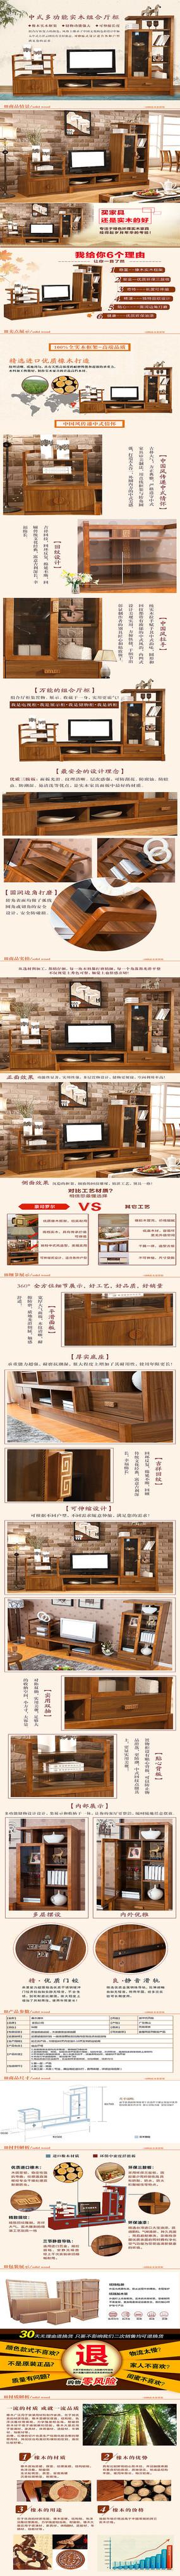 中式多功能实木组合厅柜